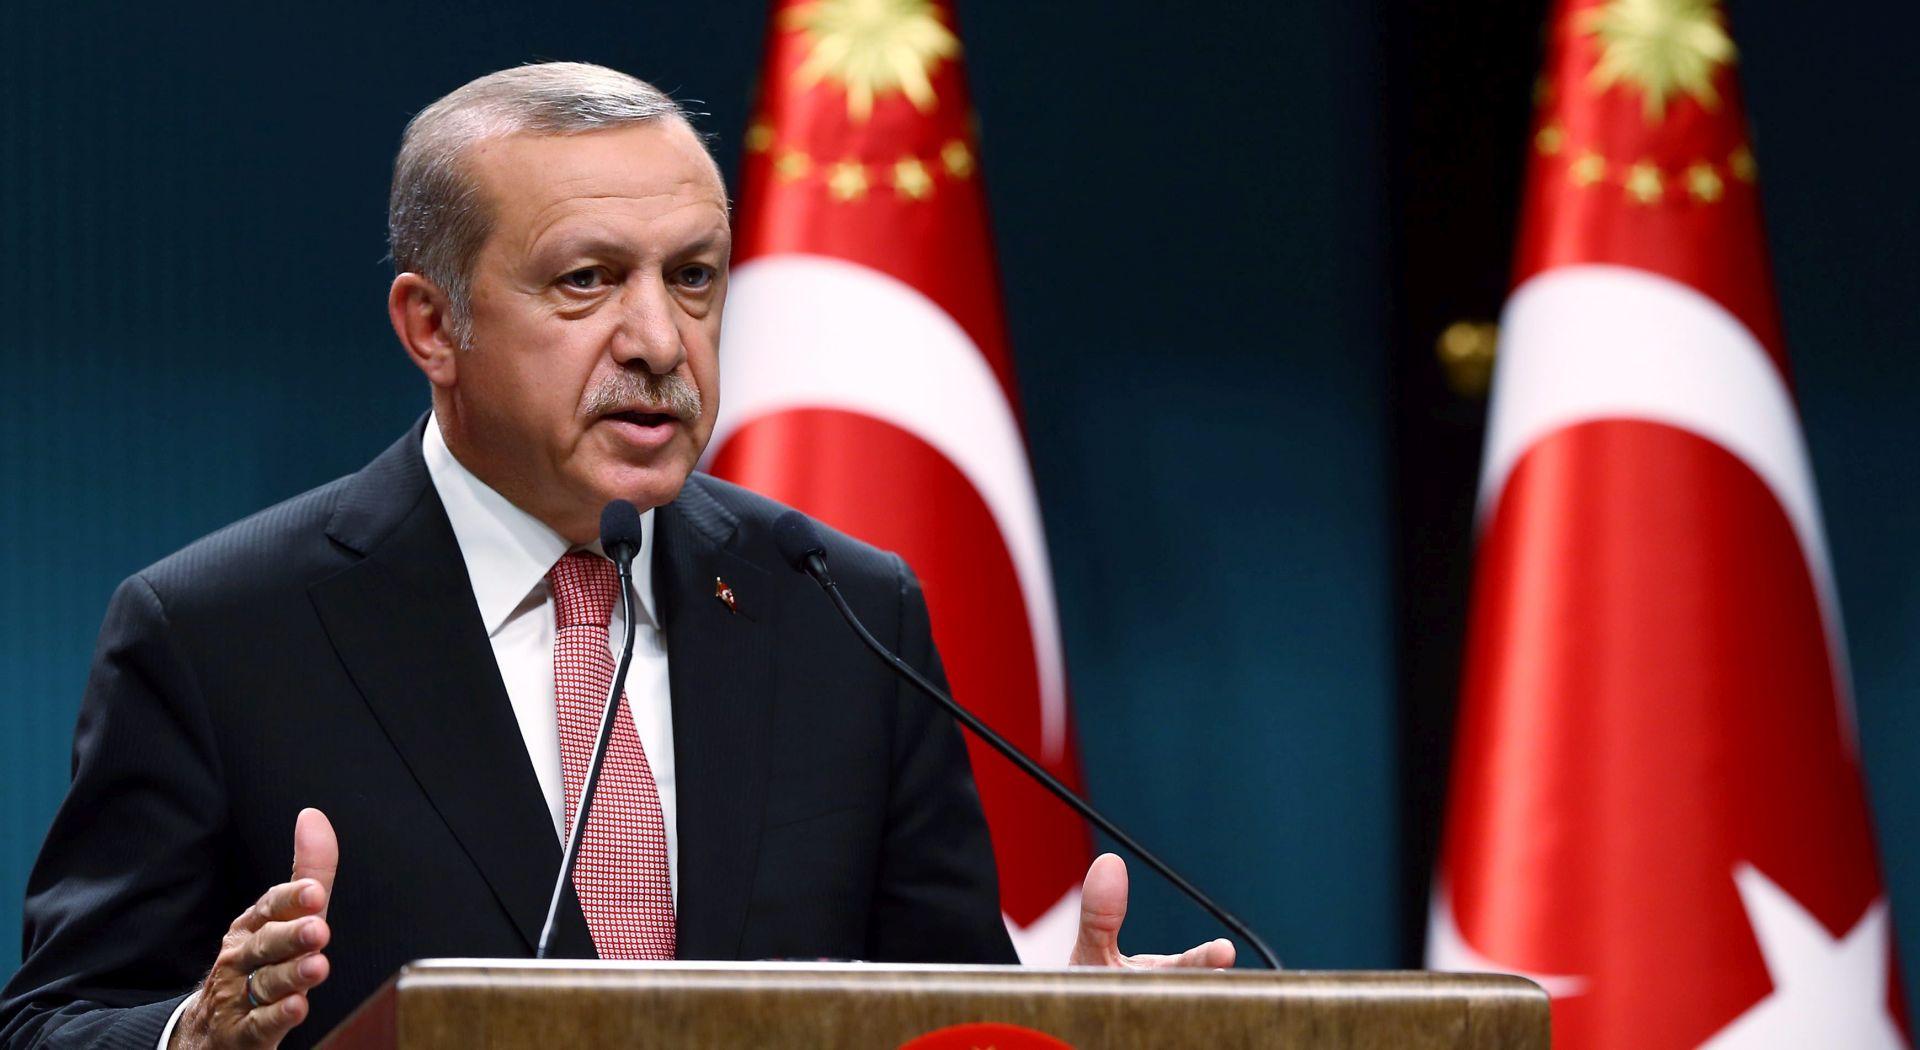 REZANJE PRIHODA: Erdogan napada tvrtke povezane s Gulenom